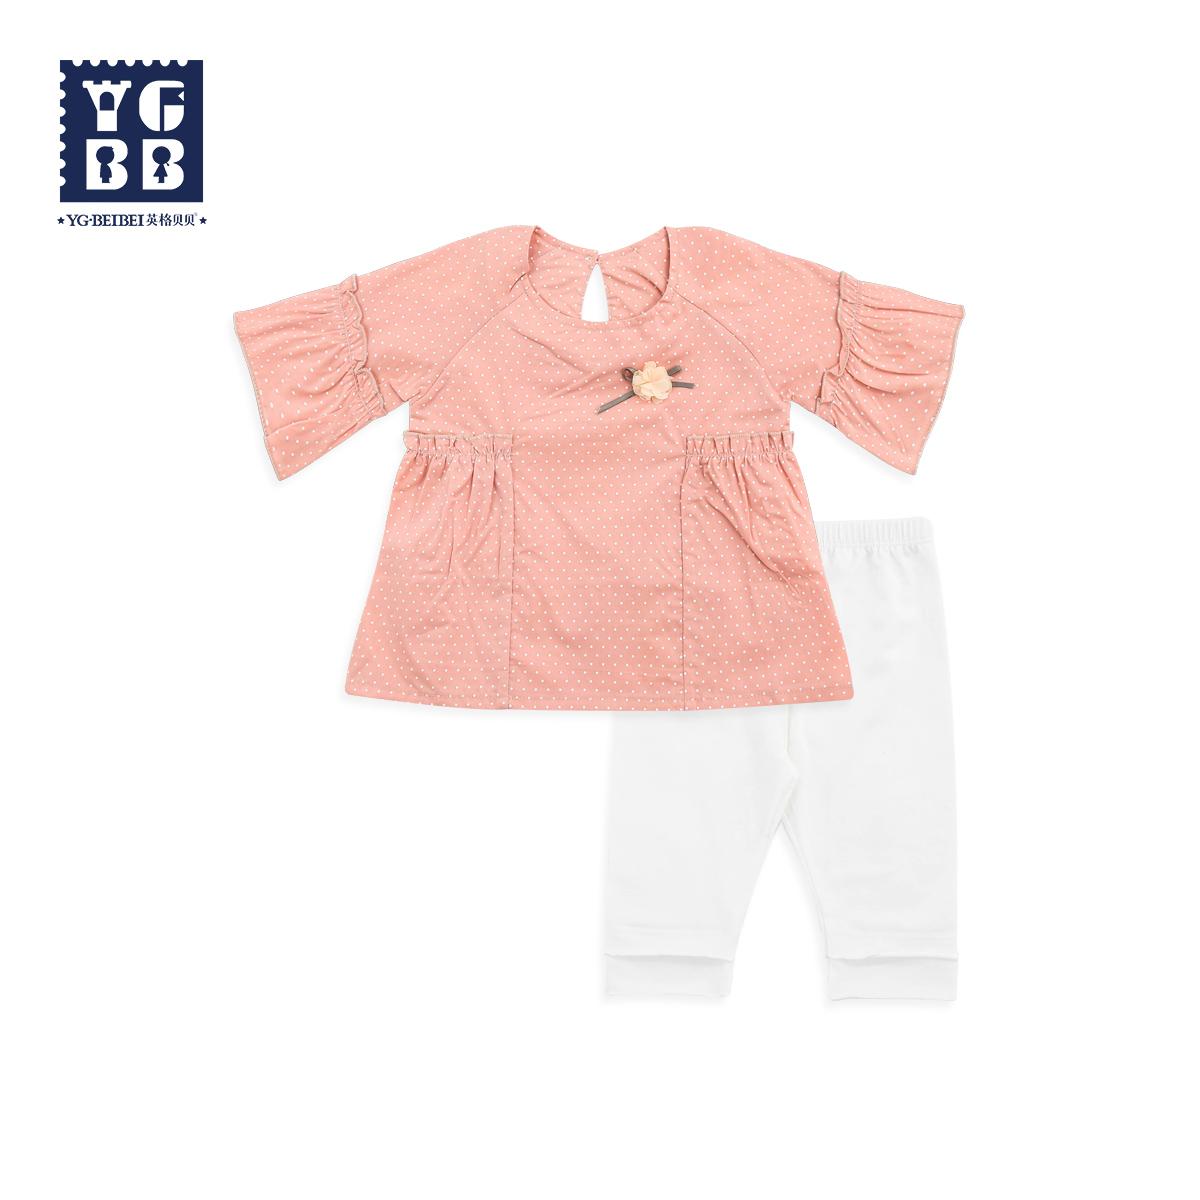 英格贝贝女宝宝洋气夏装套装女童纯棉潮衣服夏季婴幼儿外出两件套